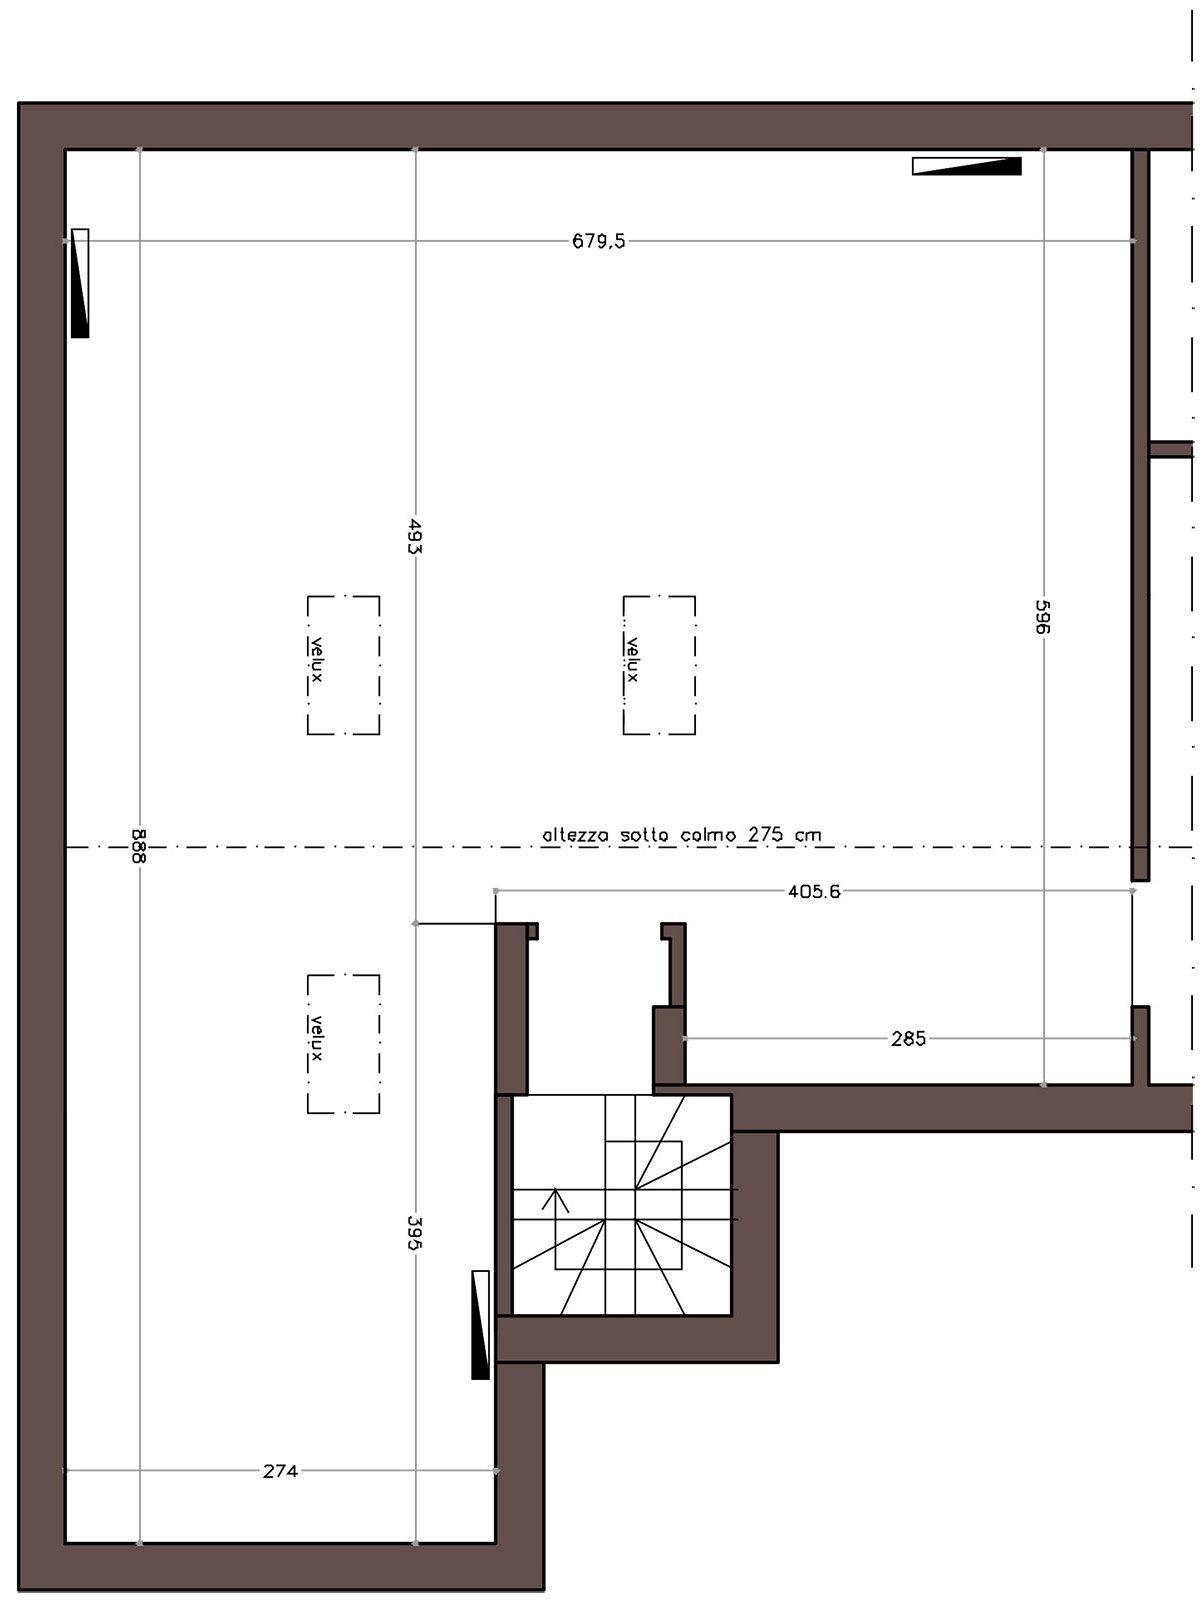 La mansarda da dividere in camera e studio cose di casa - Progetto camera ...